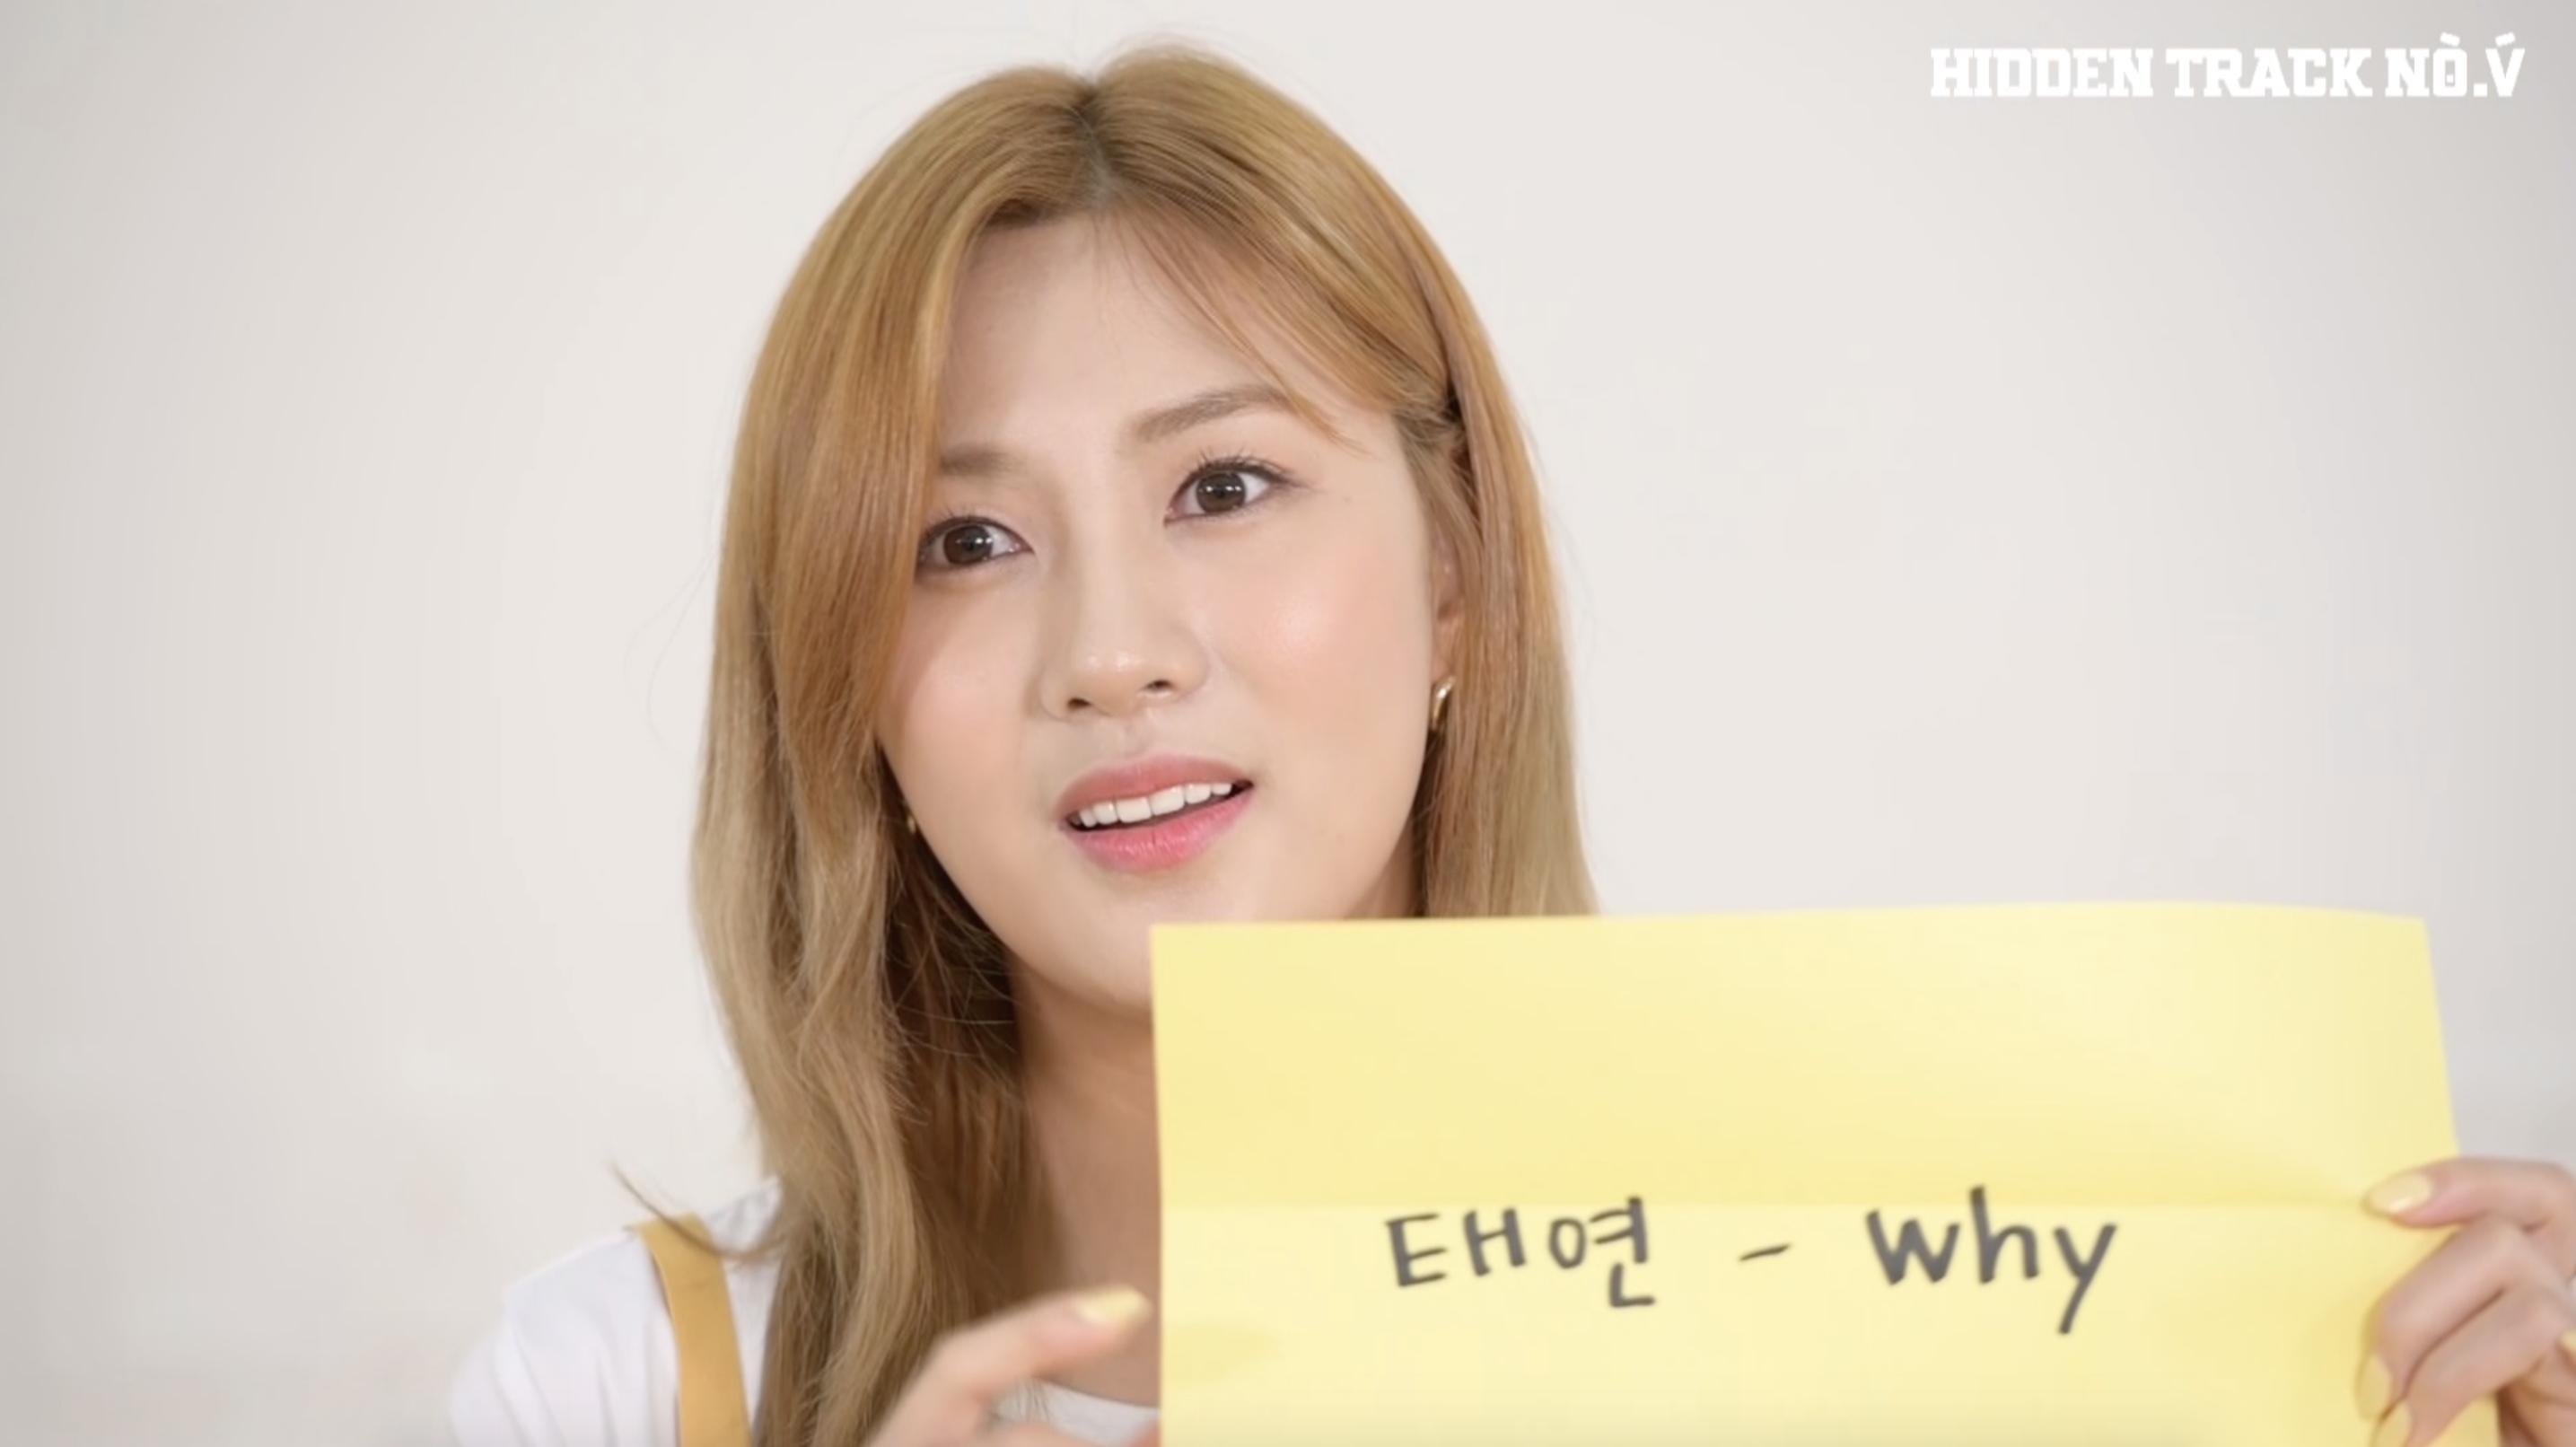 에이핑크 오하영이 추천하는 기분 UP! 되는 노래 EP.02